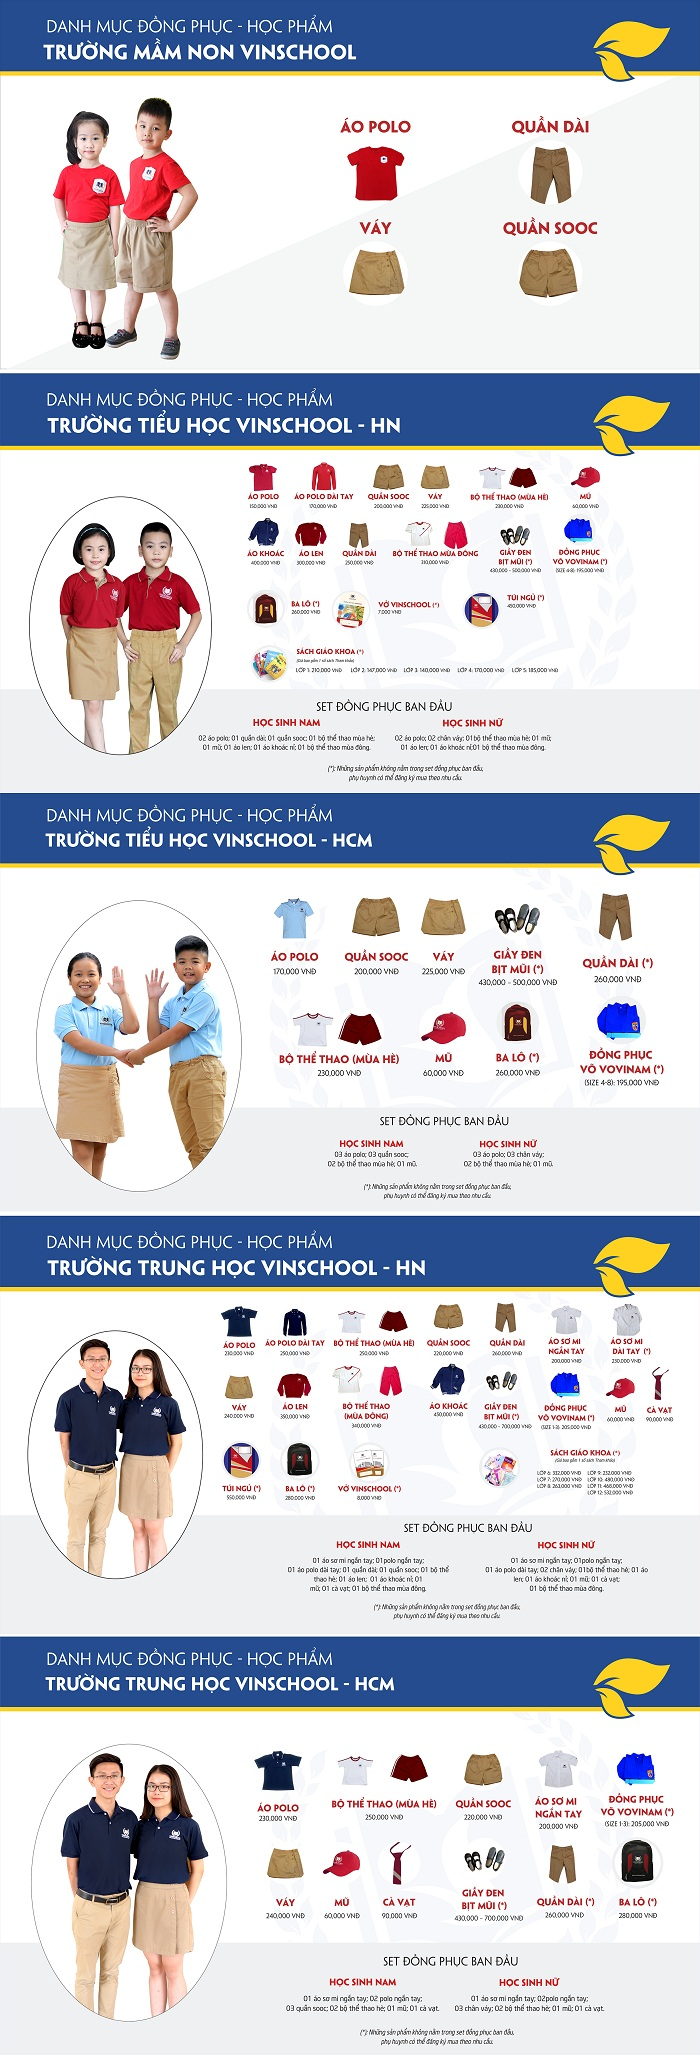 Các mẫu áo đồng phục trường Vinschool